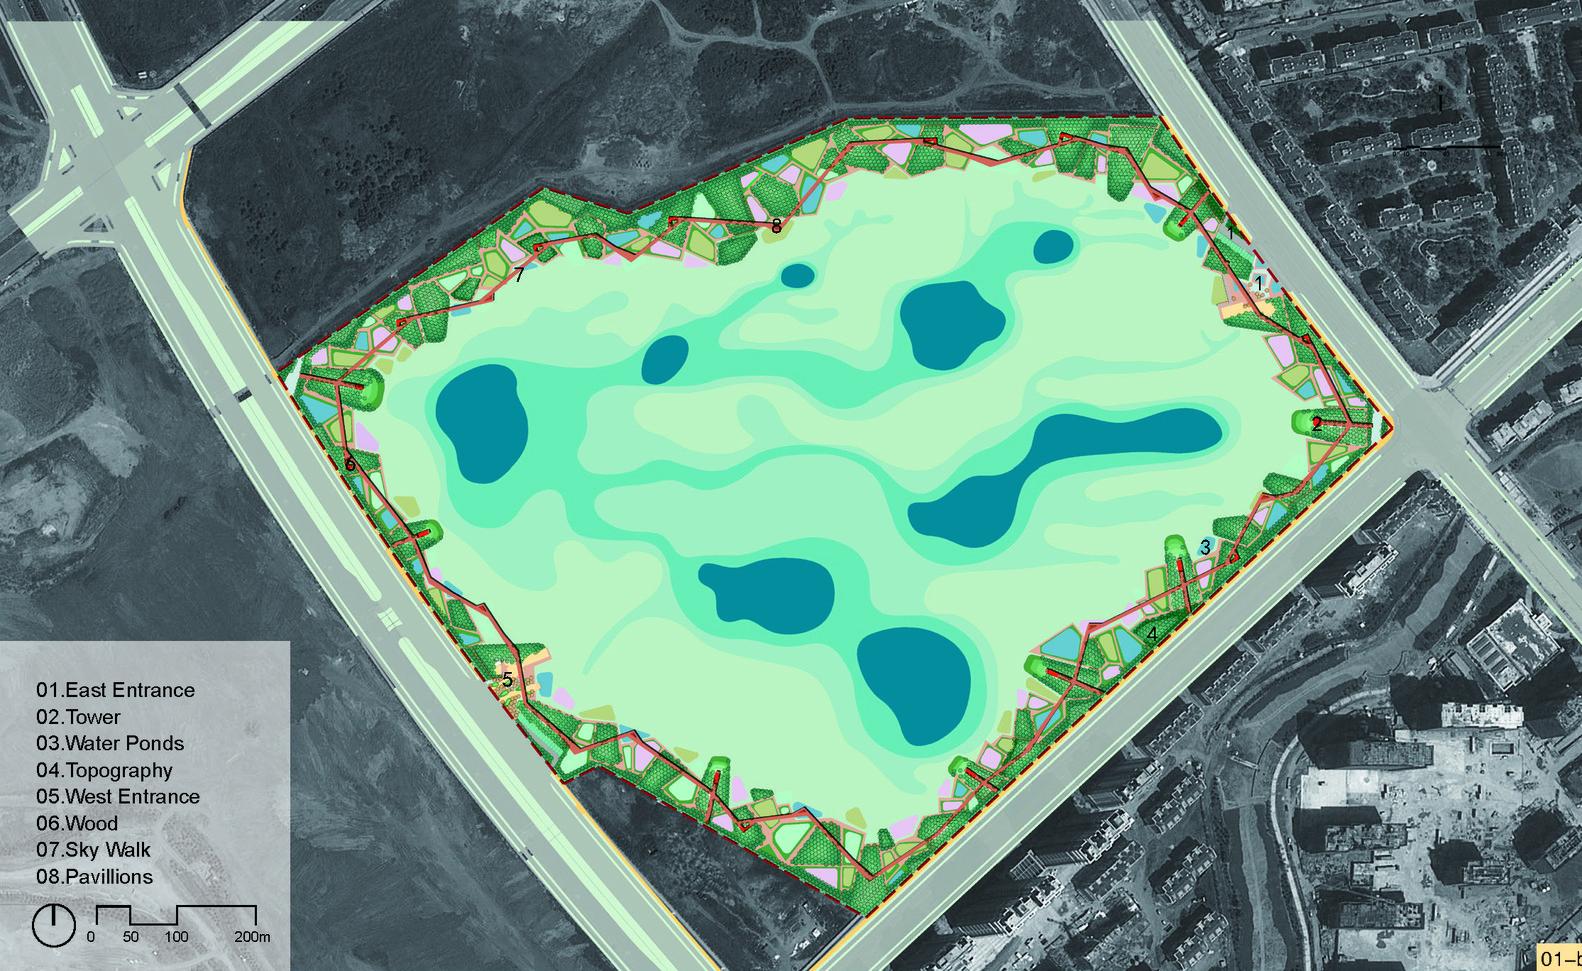 Qunli, Parque de Humedales y Aguas-Lluvias / Turenscape,Plan Maestro